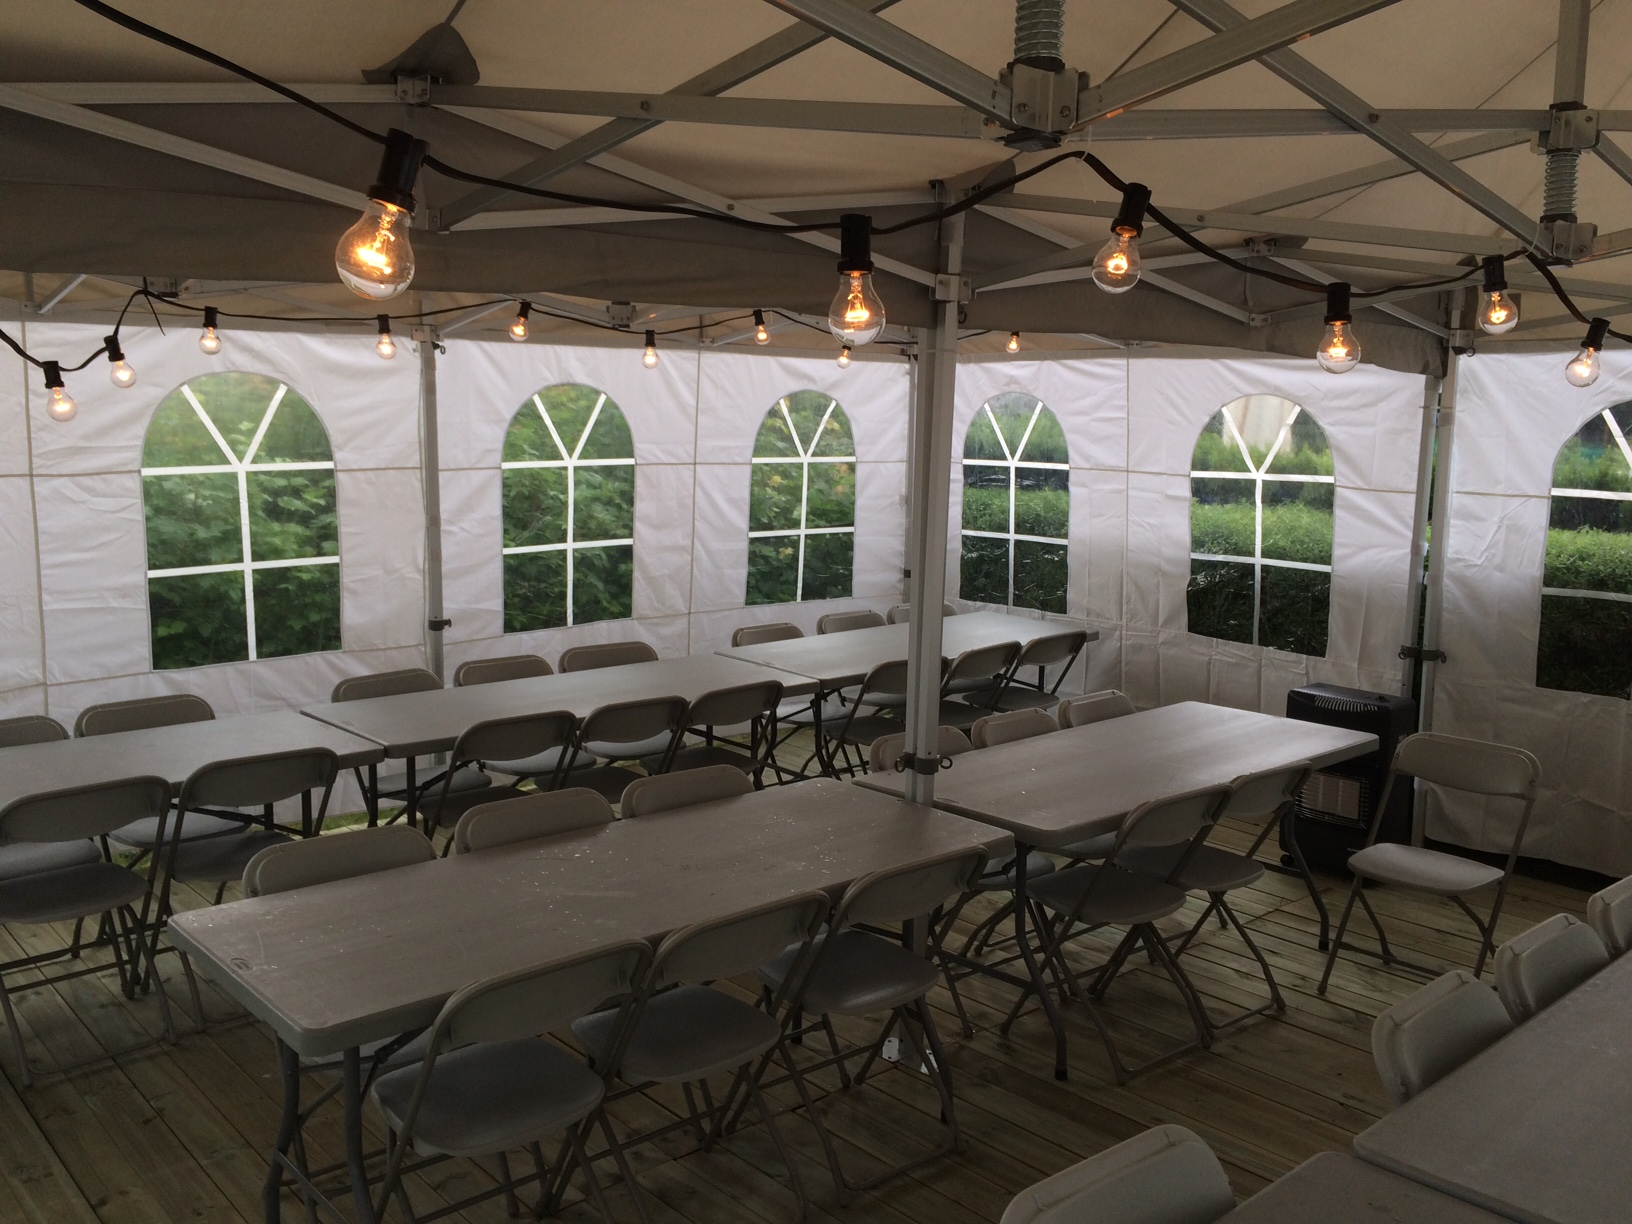 6x6 meter telt med gulv, lyslenke, gassvarmer, bord og stoler vist